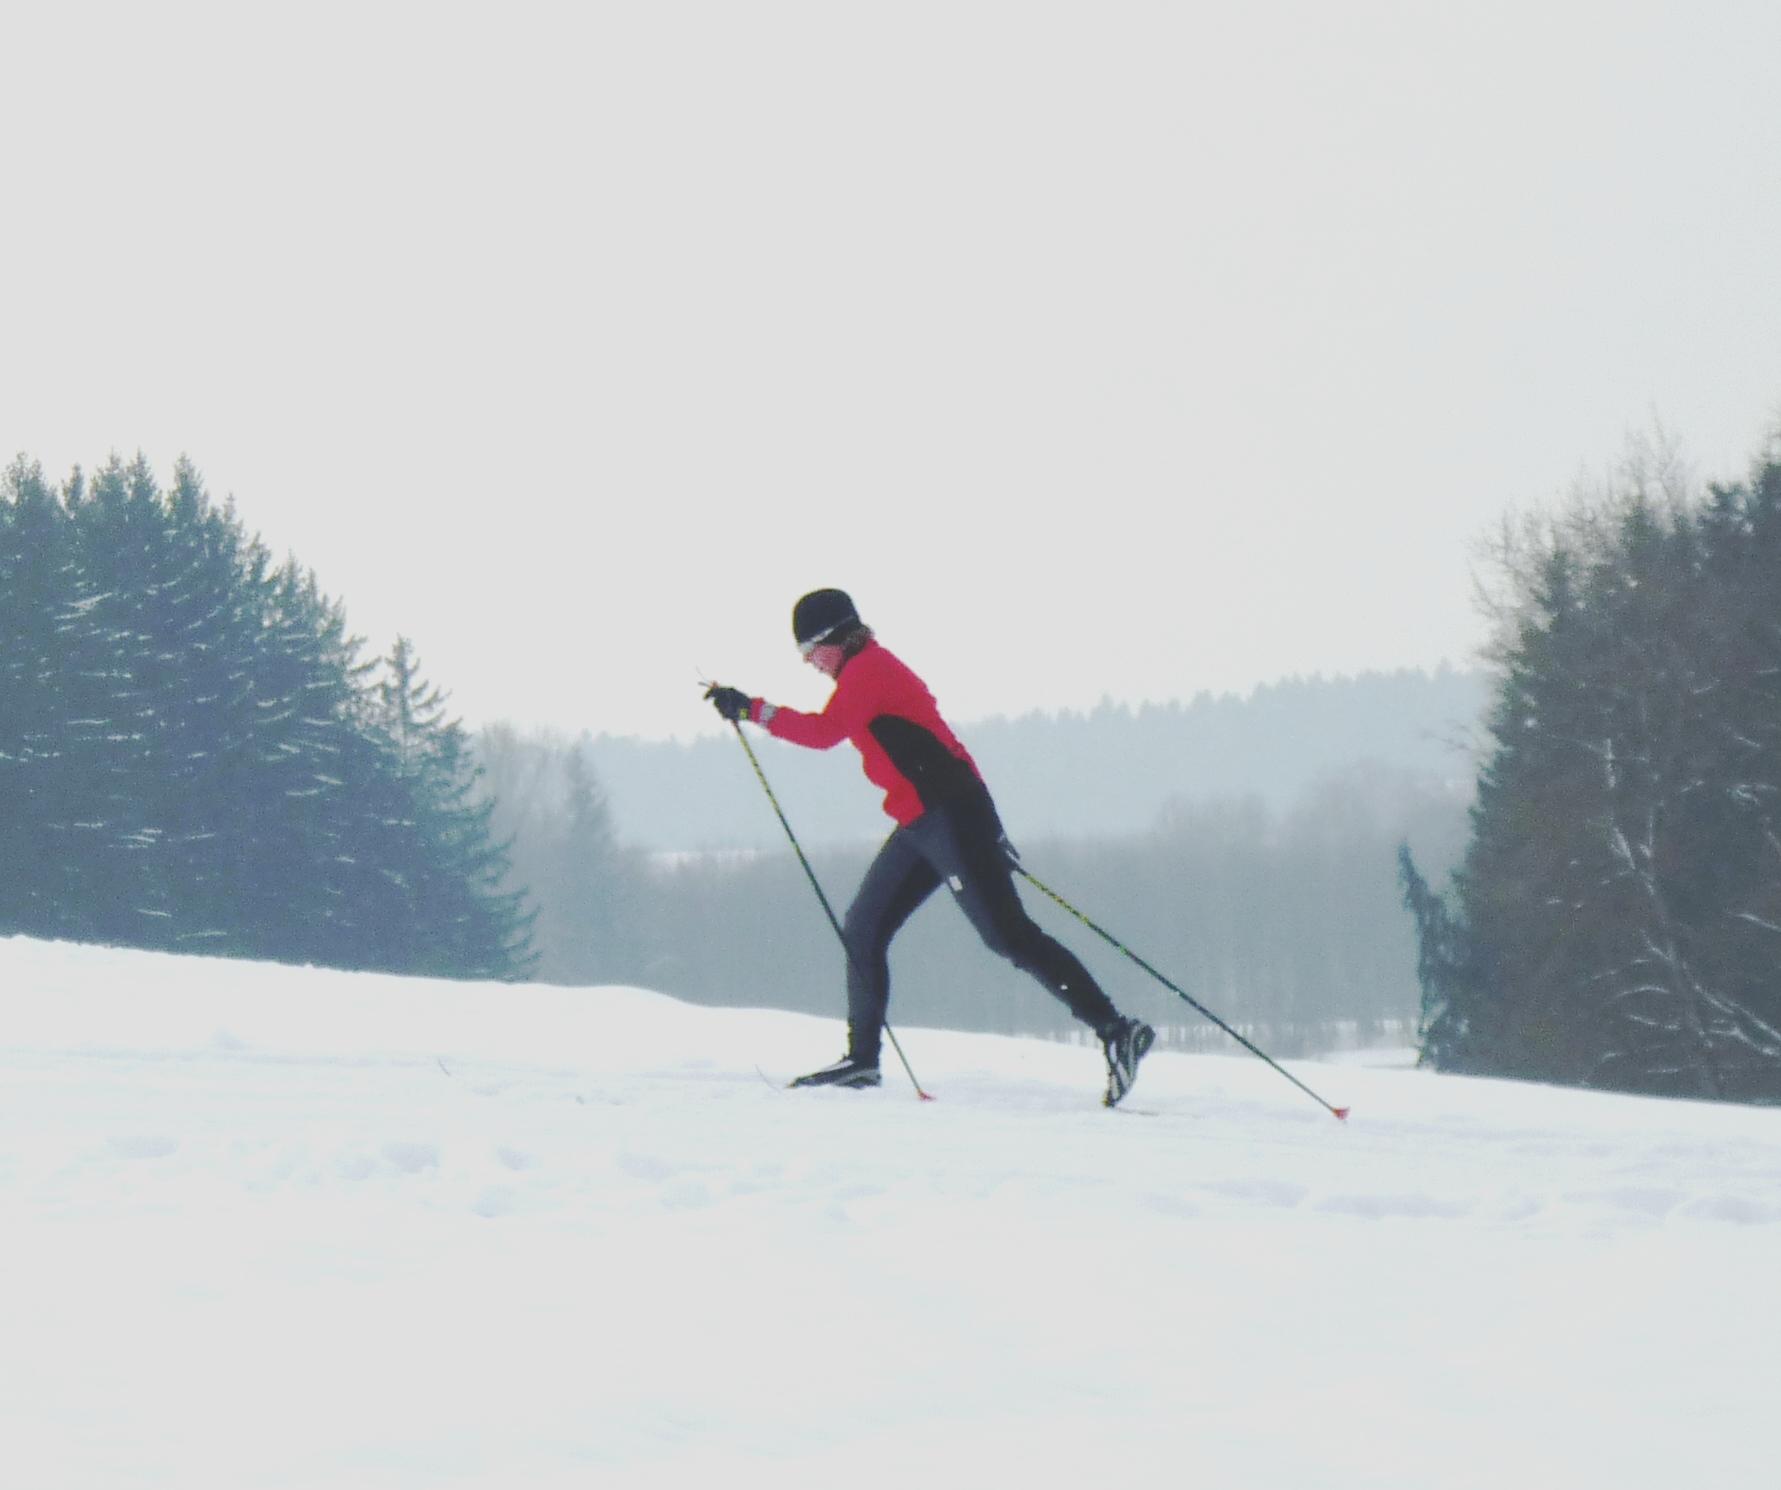 Langlauf in Zellerreit